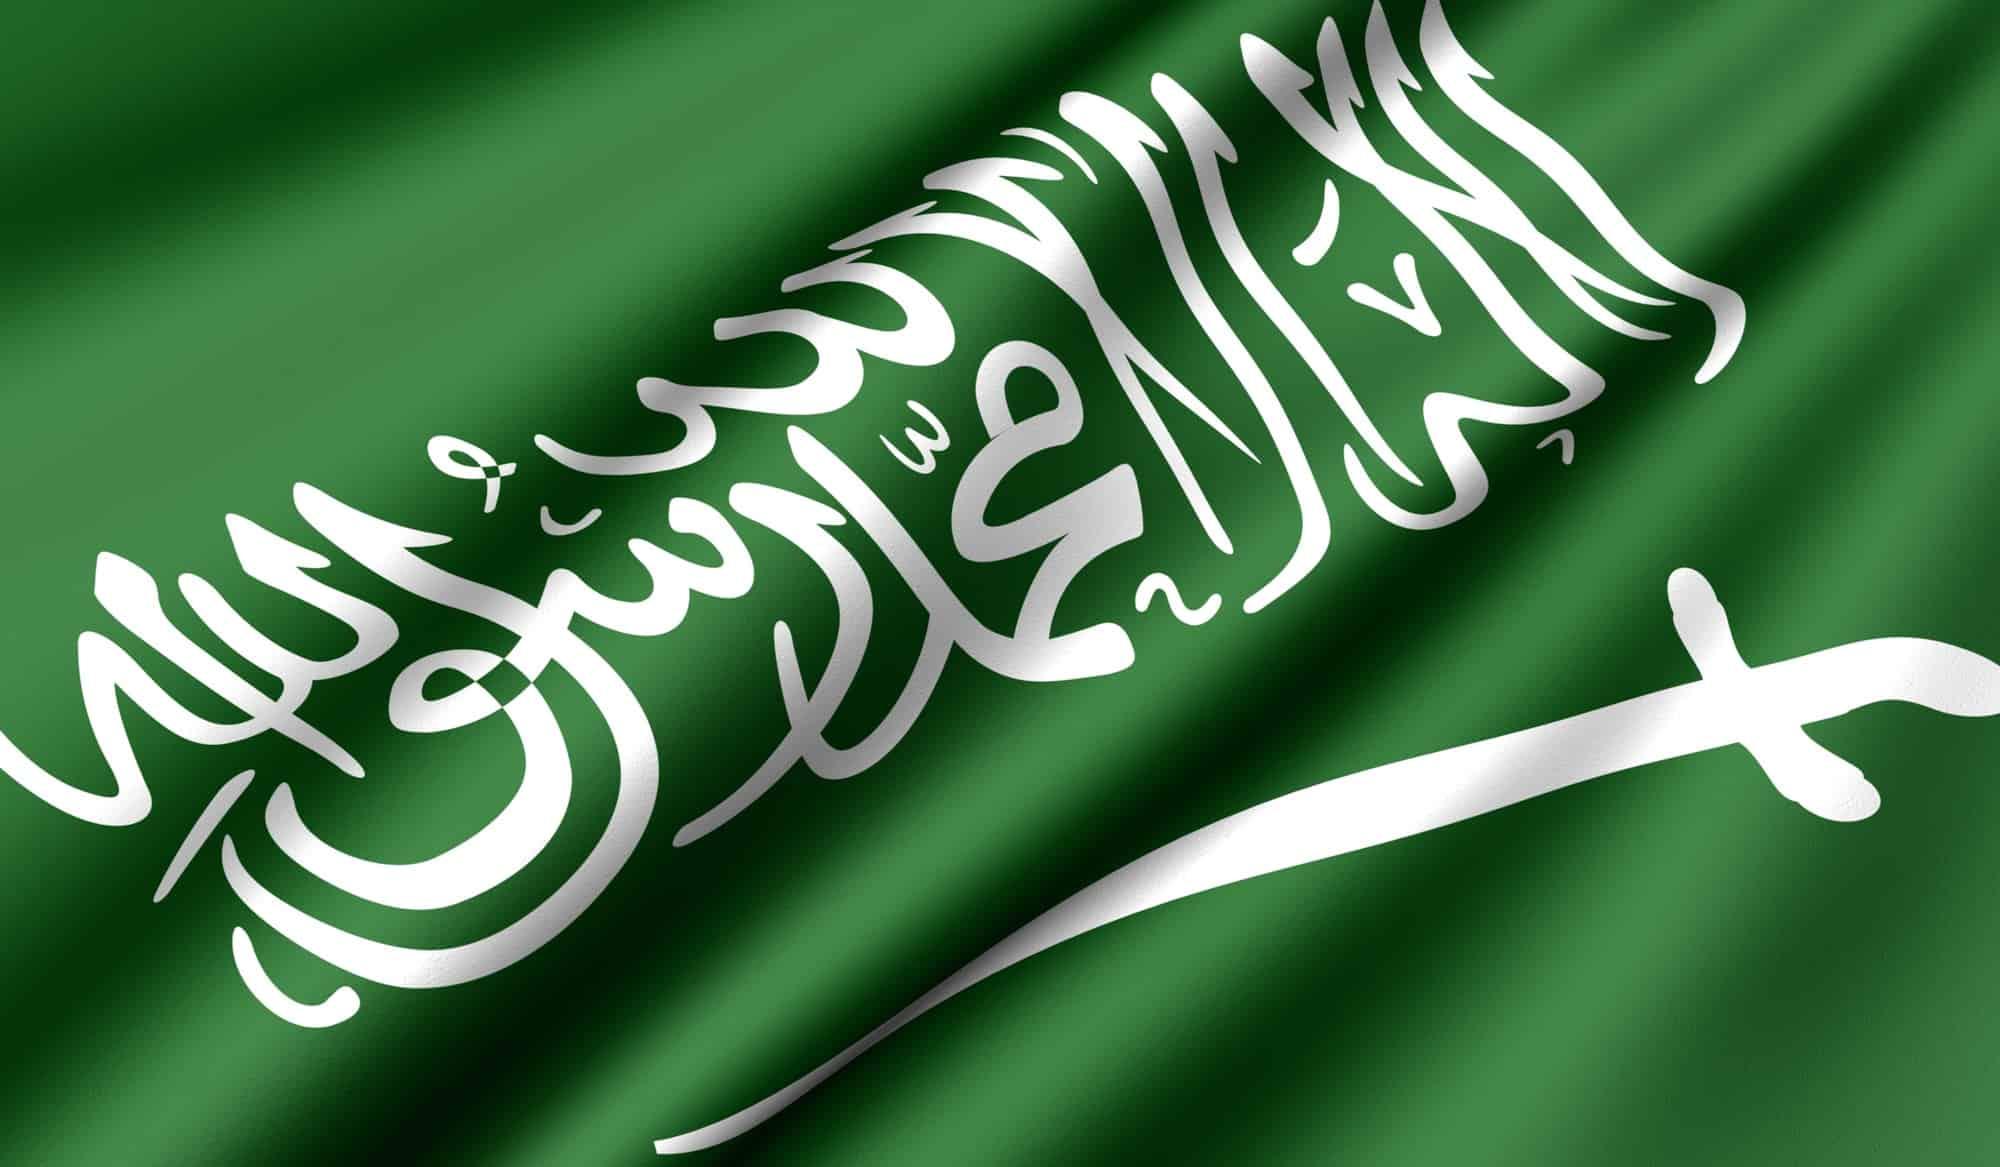 متي تأسست المملكه العربية السعودية